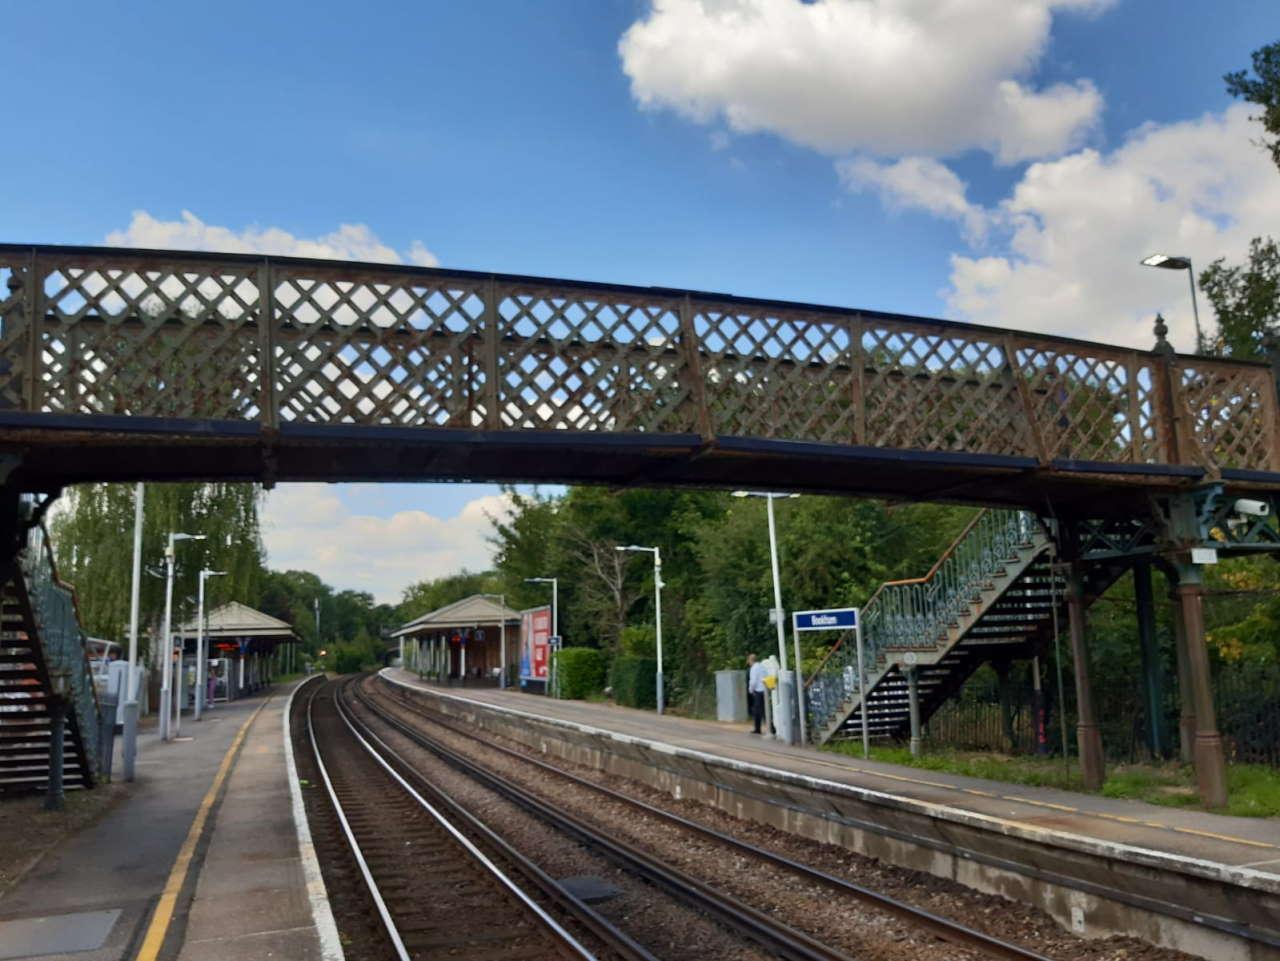 Bookham station set for refurbishment